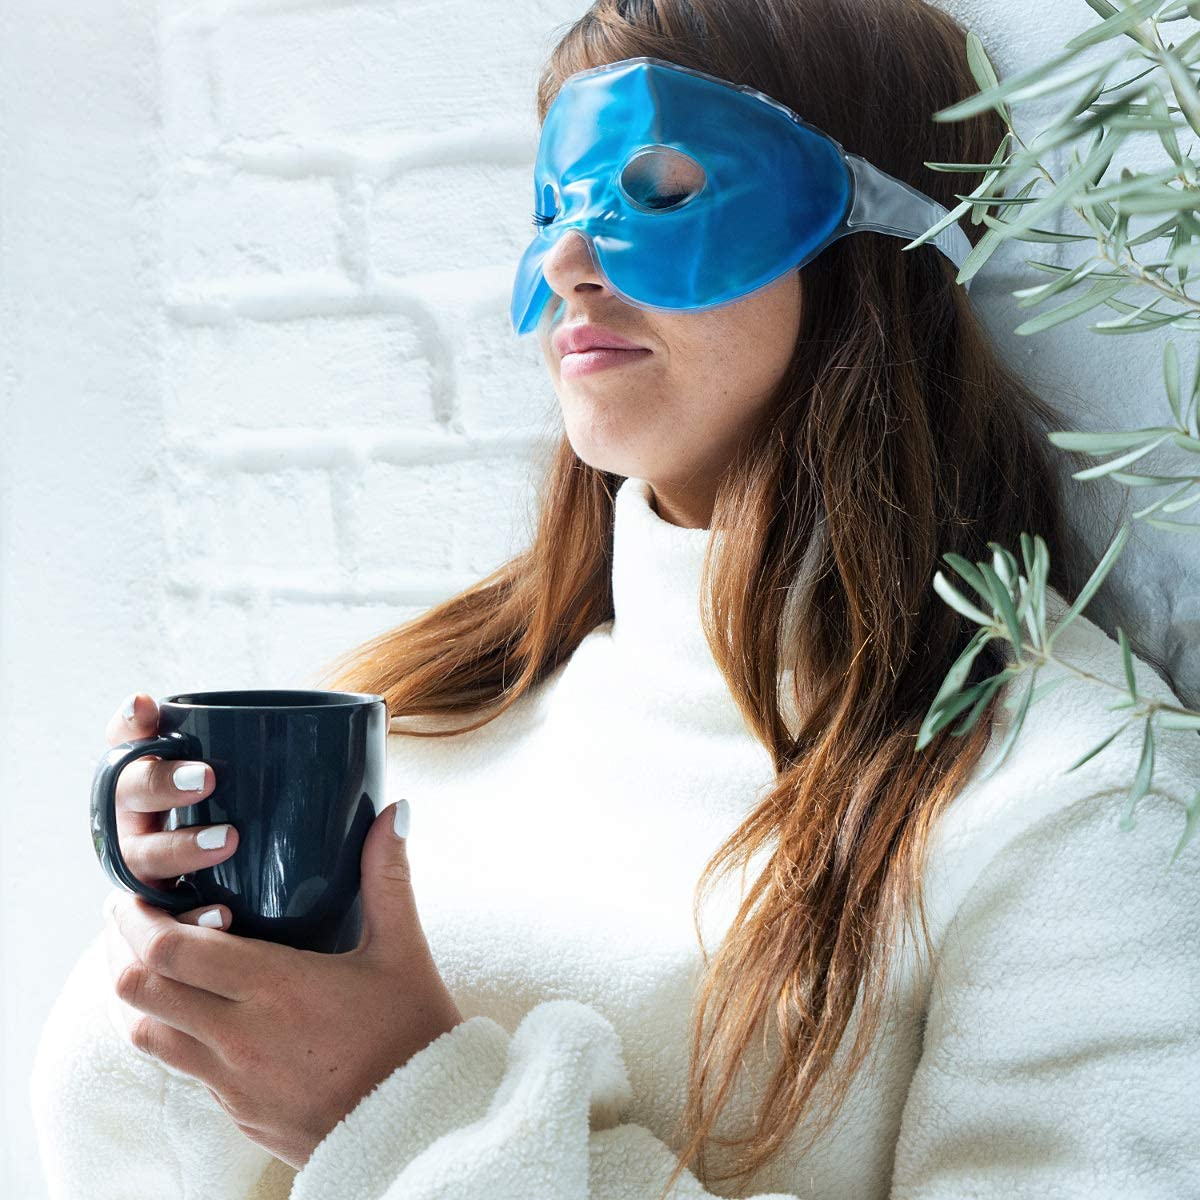 bl/épharite Masque de sommeil hydrogel pour relaxation yeux secs yeux fatigu/és voyage maux de t/ête stress